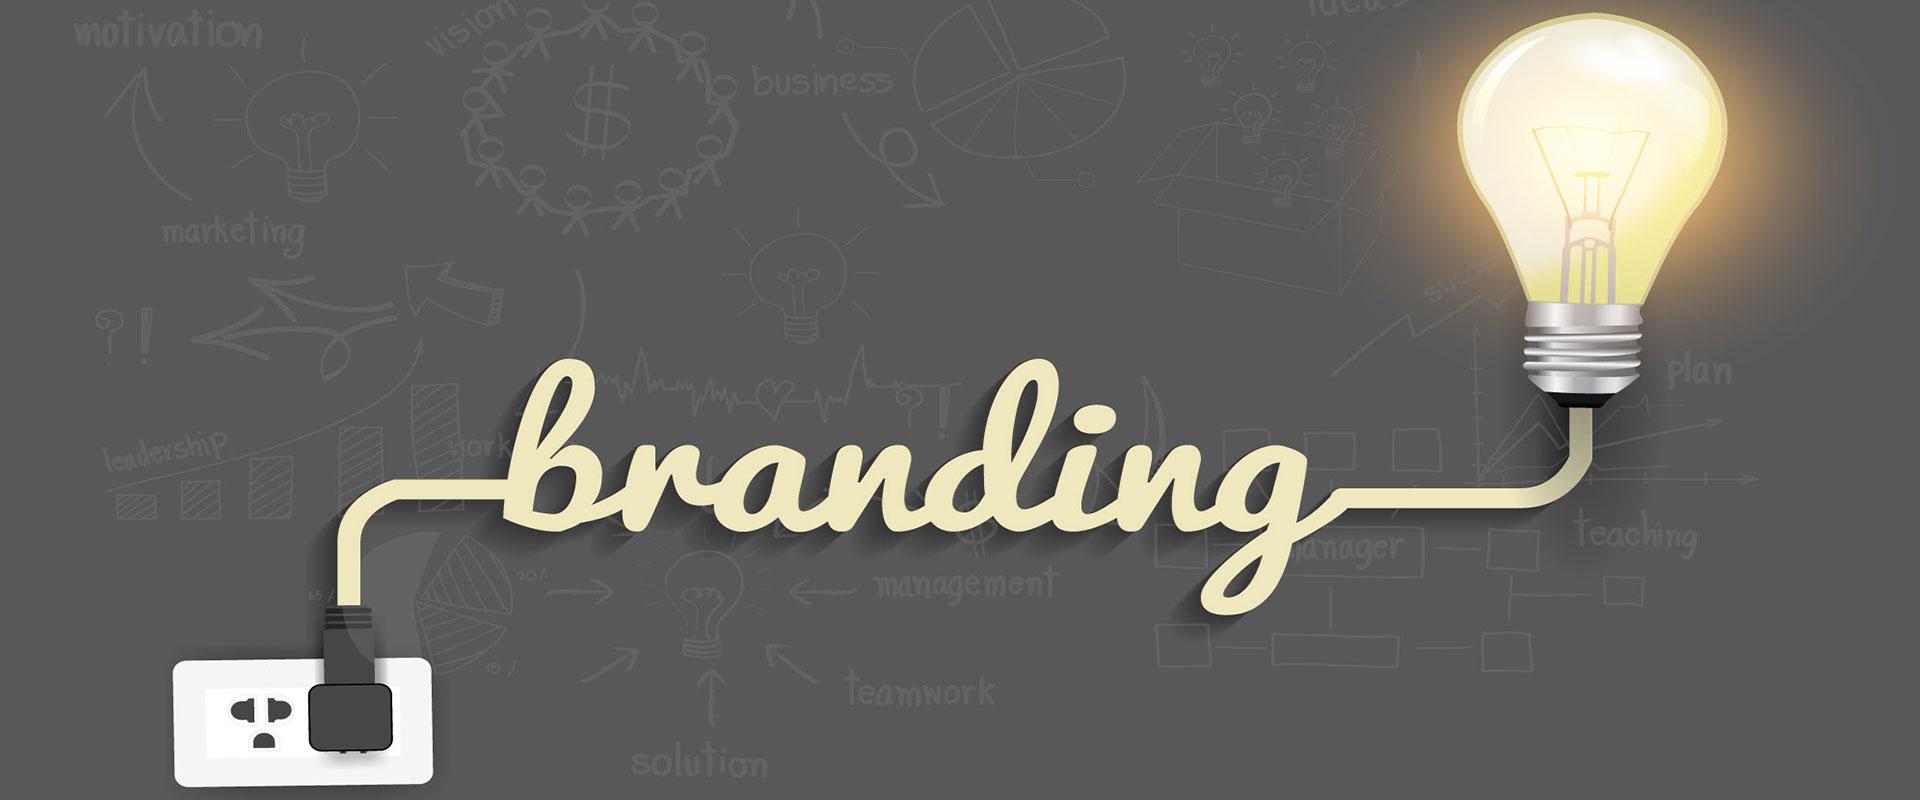 Illustration du branding